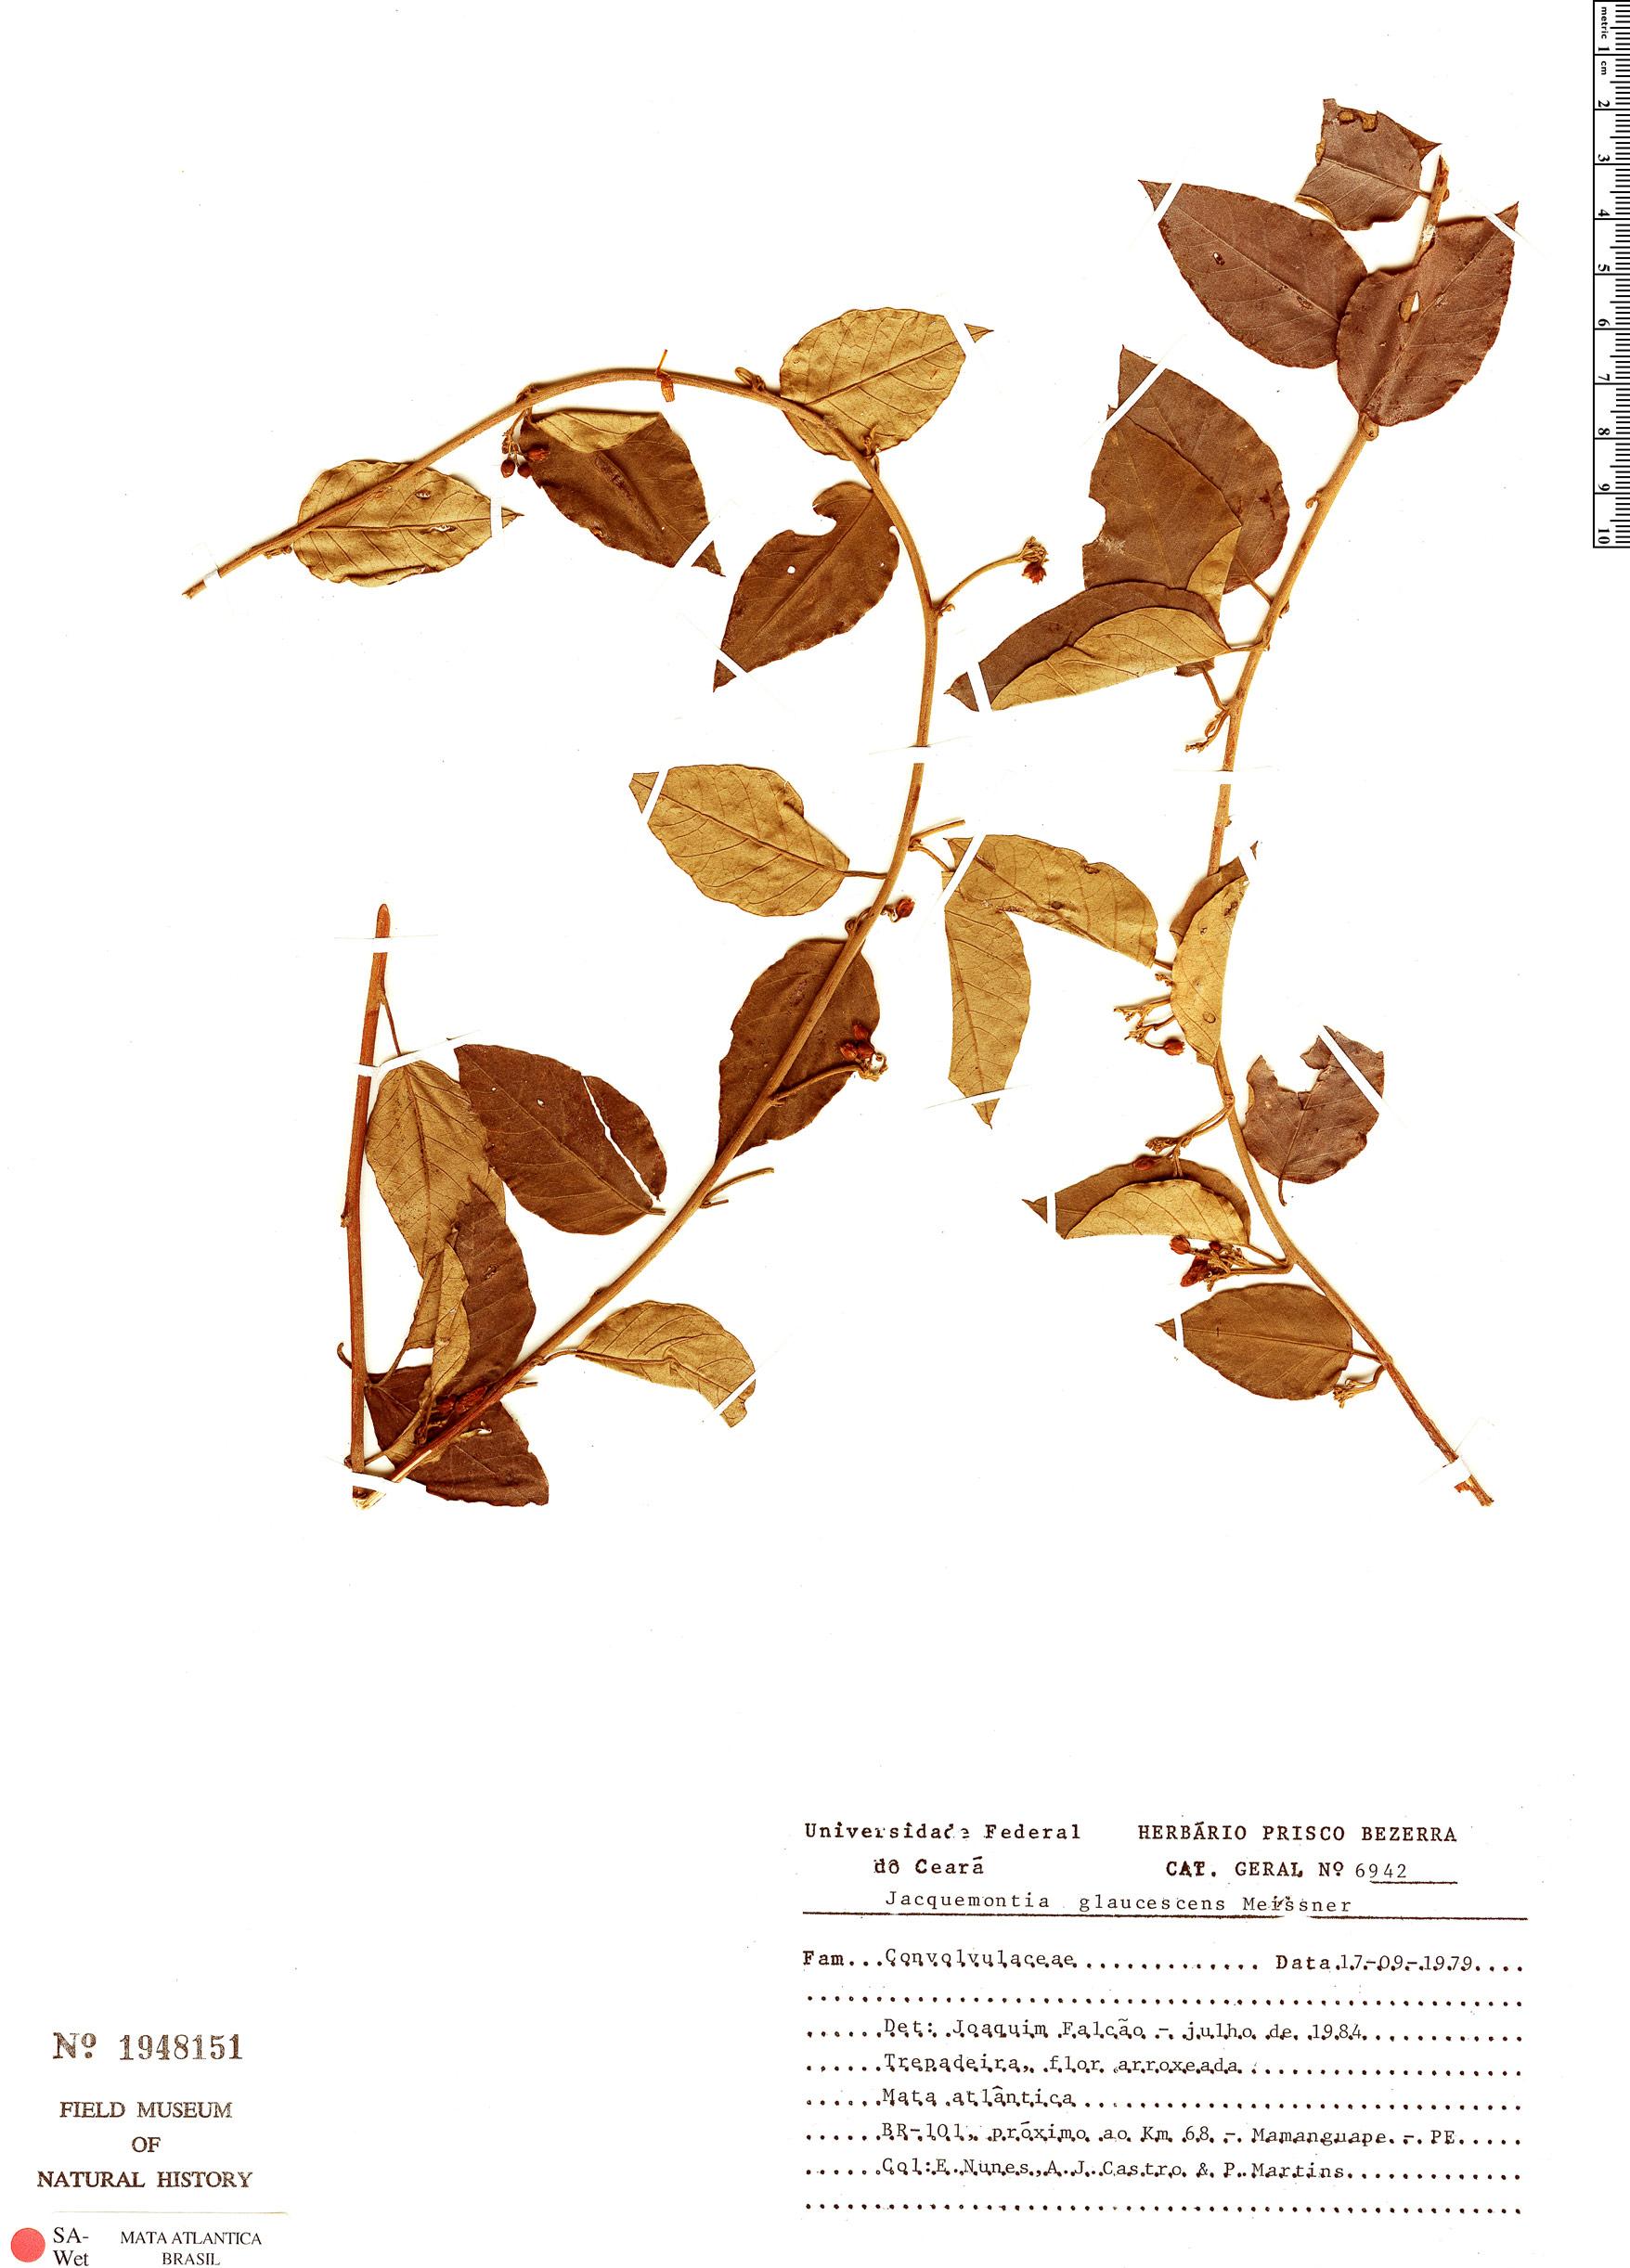 Espécime: Jacquemontia glaucescens